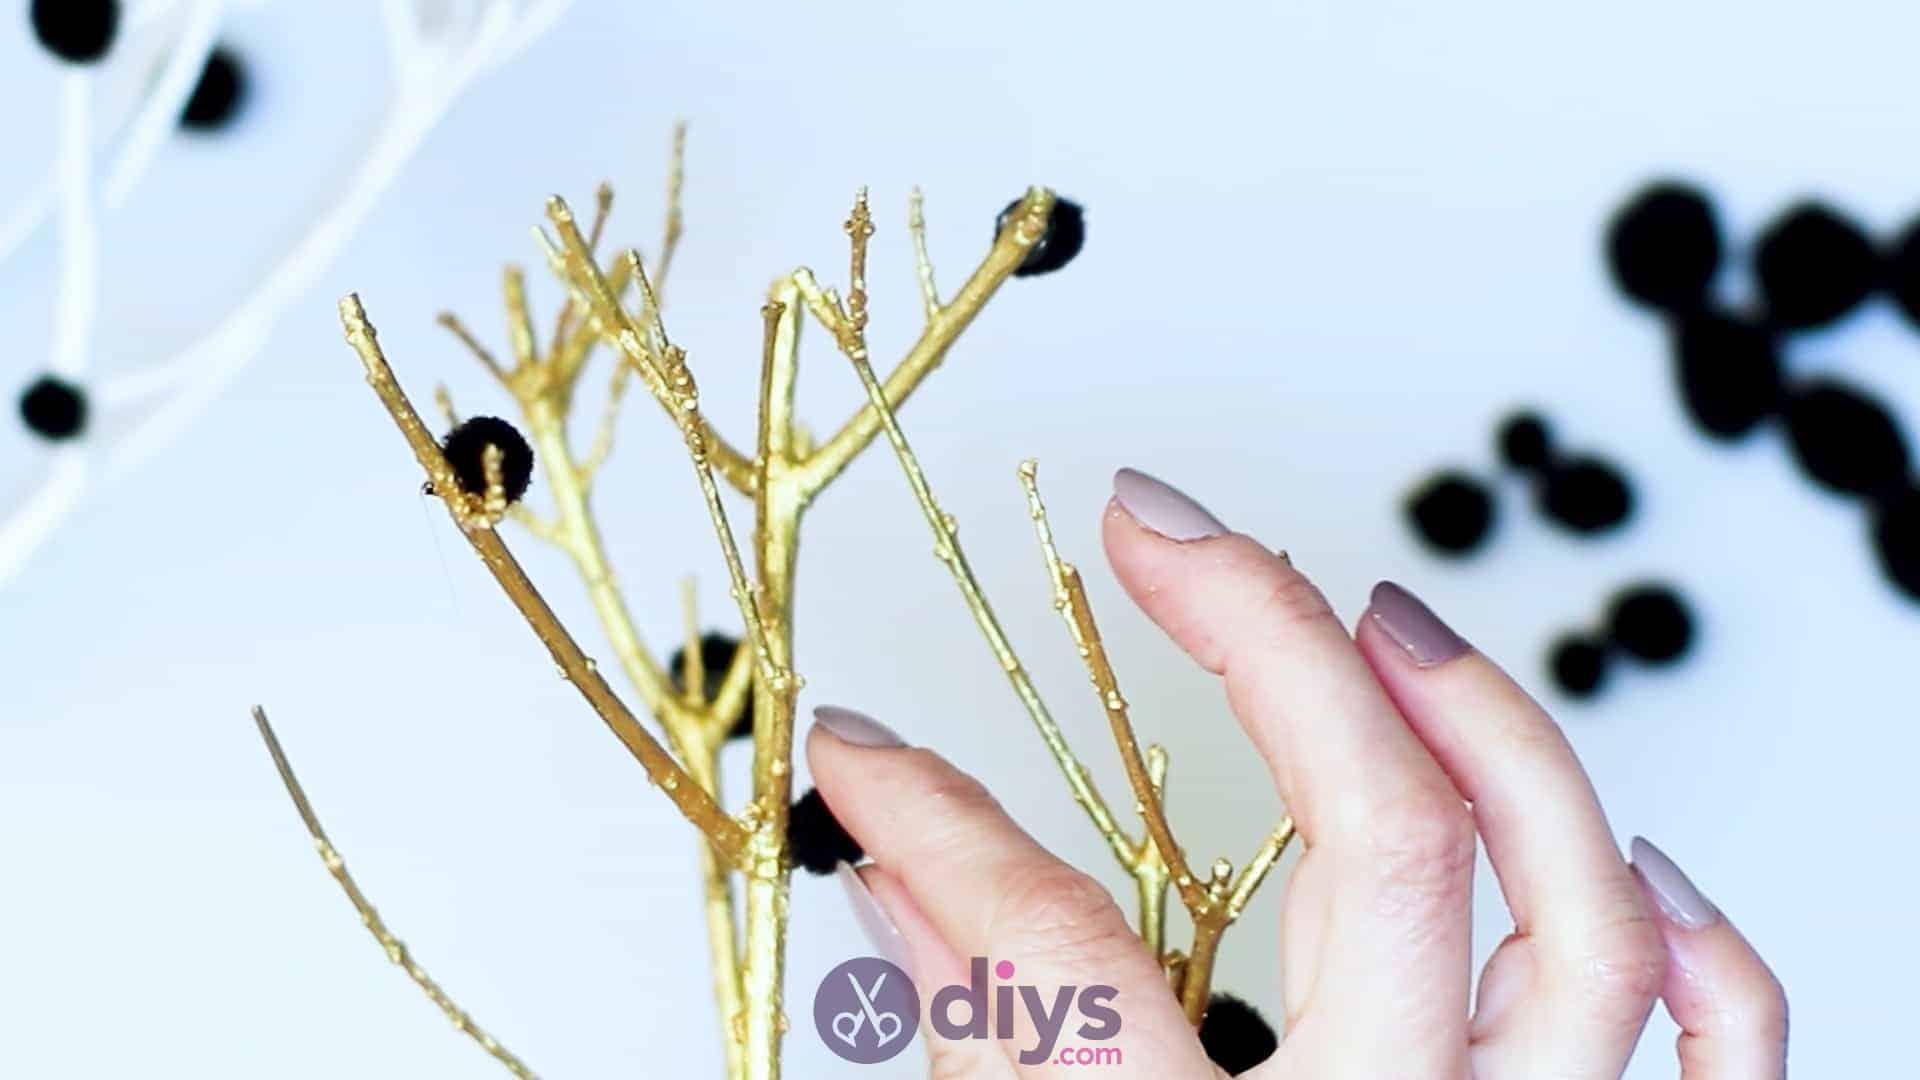 Diy pom pom tree art step 5e